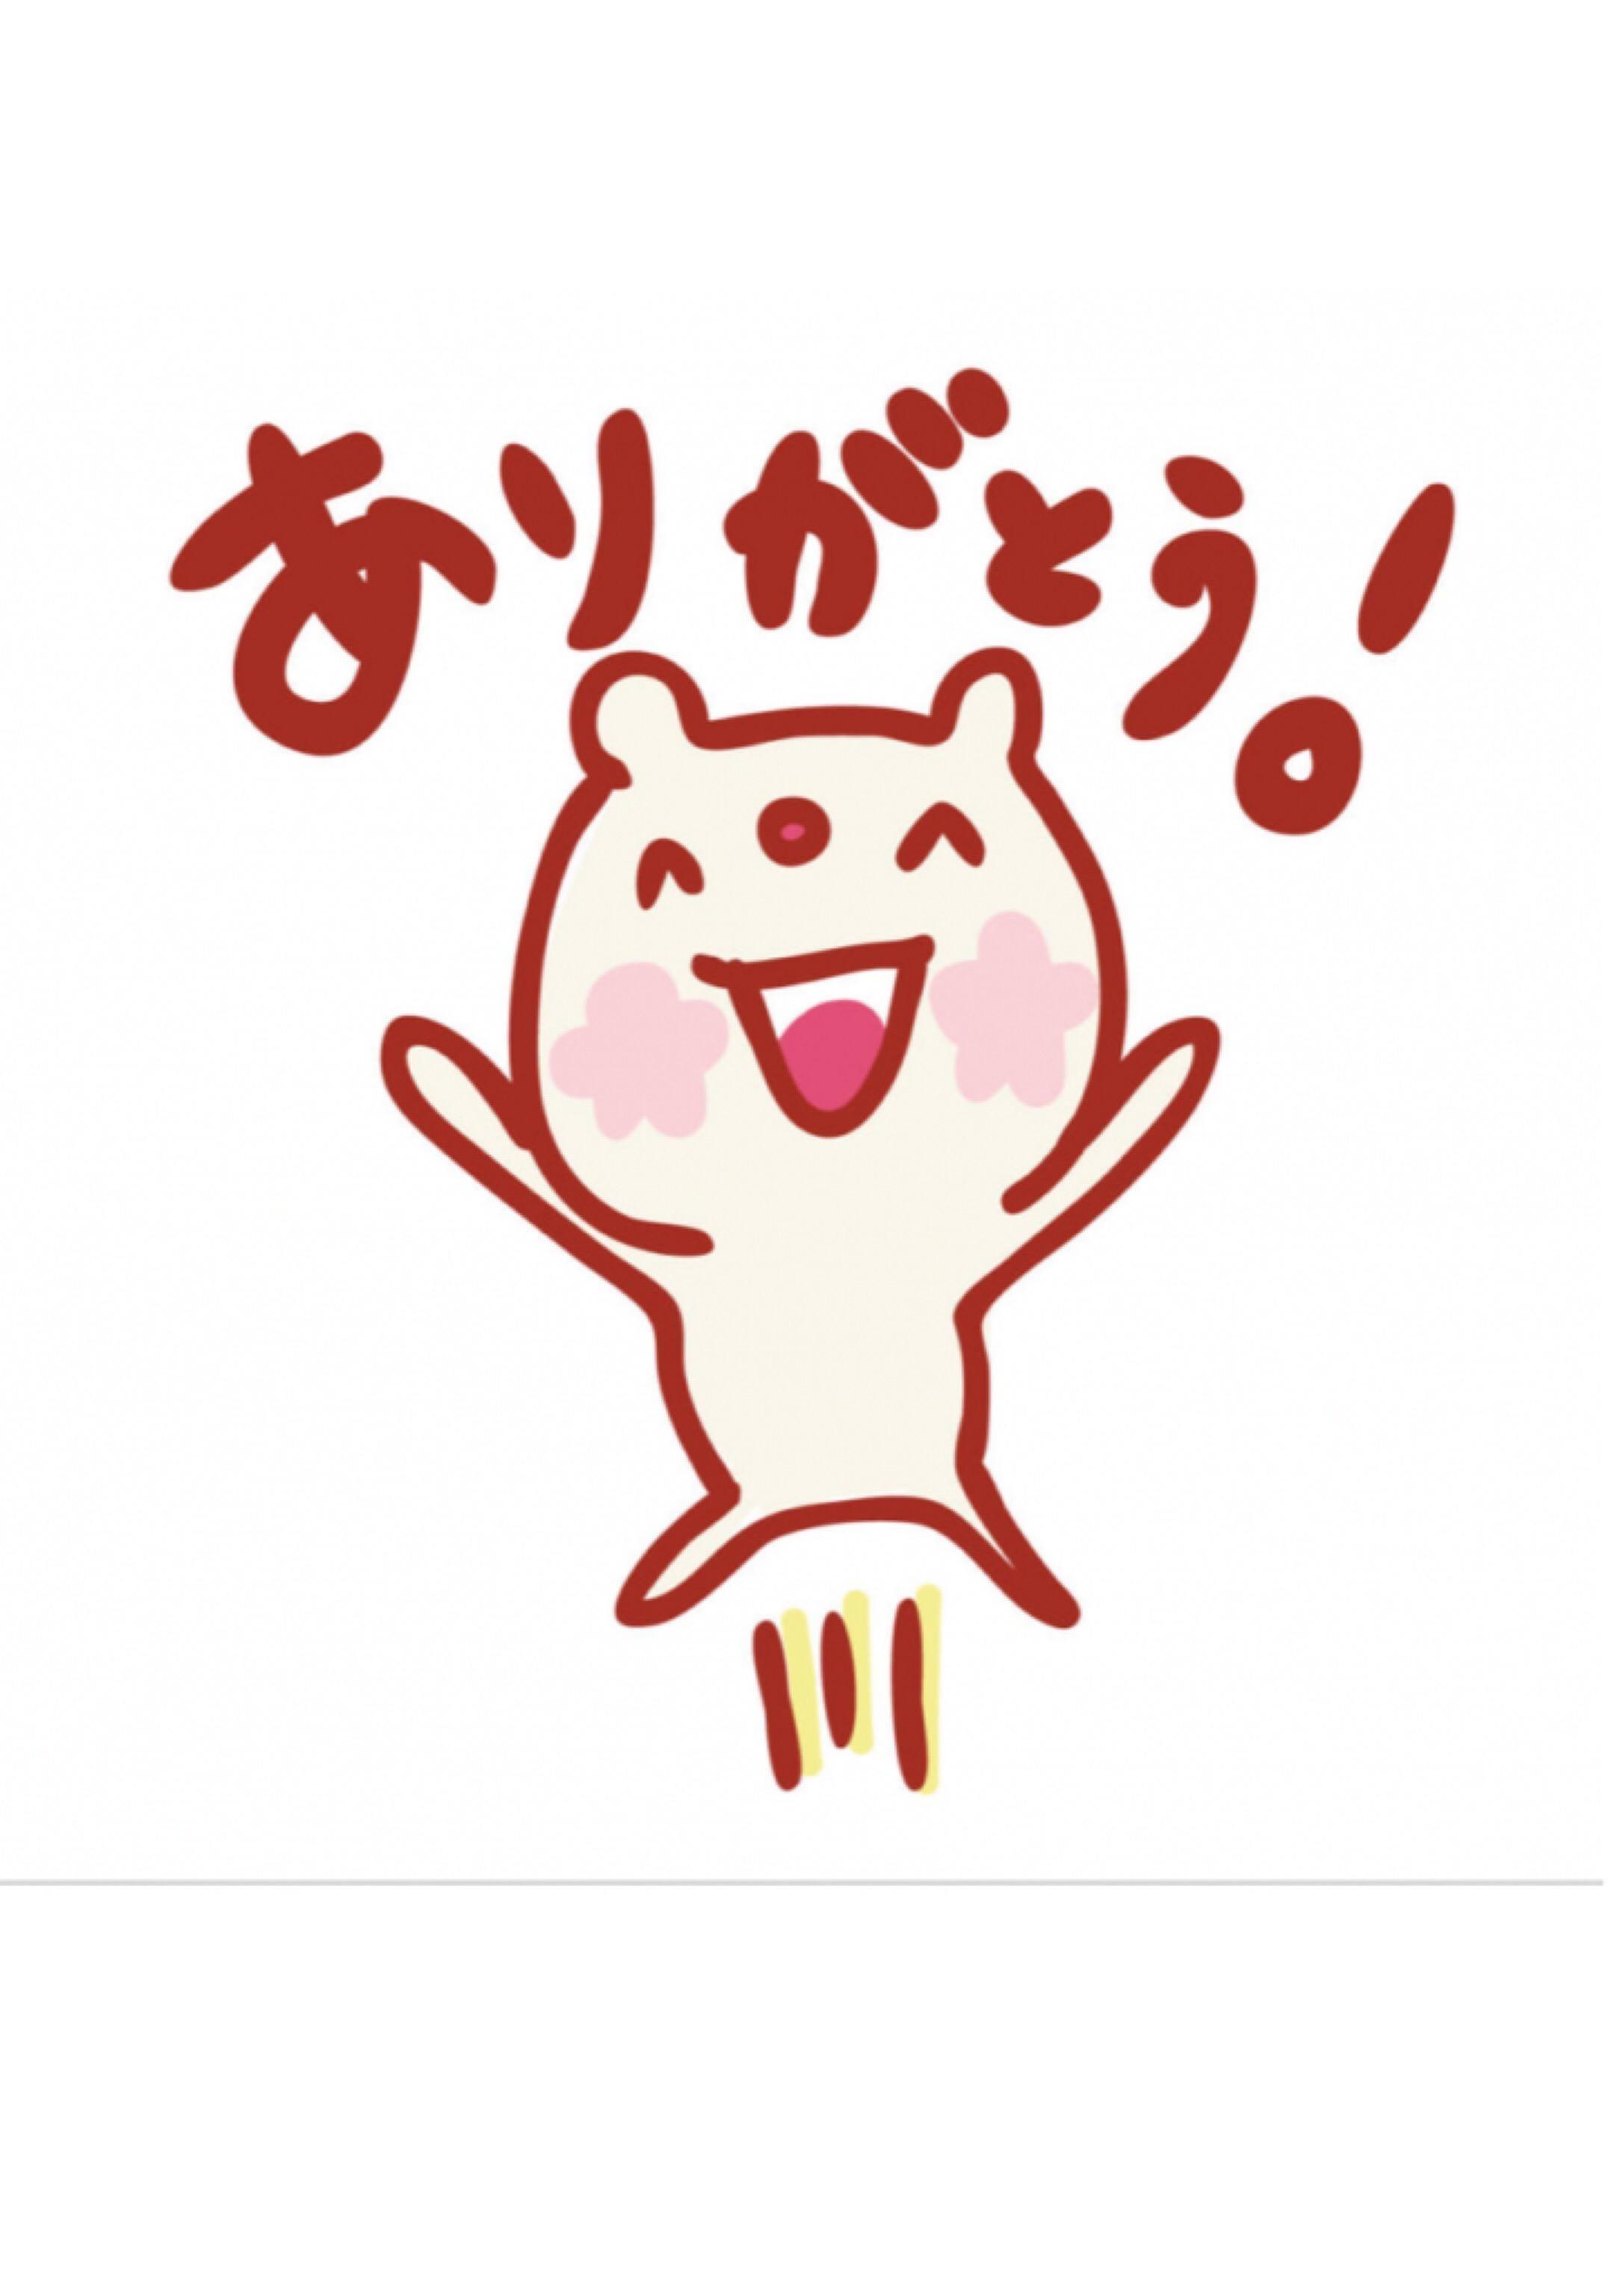 「こんばんは♫」12/05(水) 19:59 | 石川かおりの写メ・風俗動画